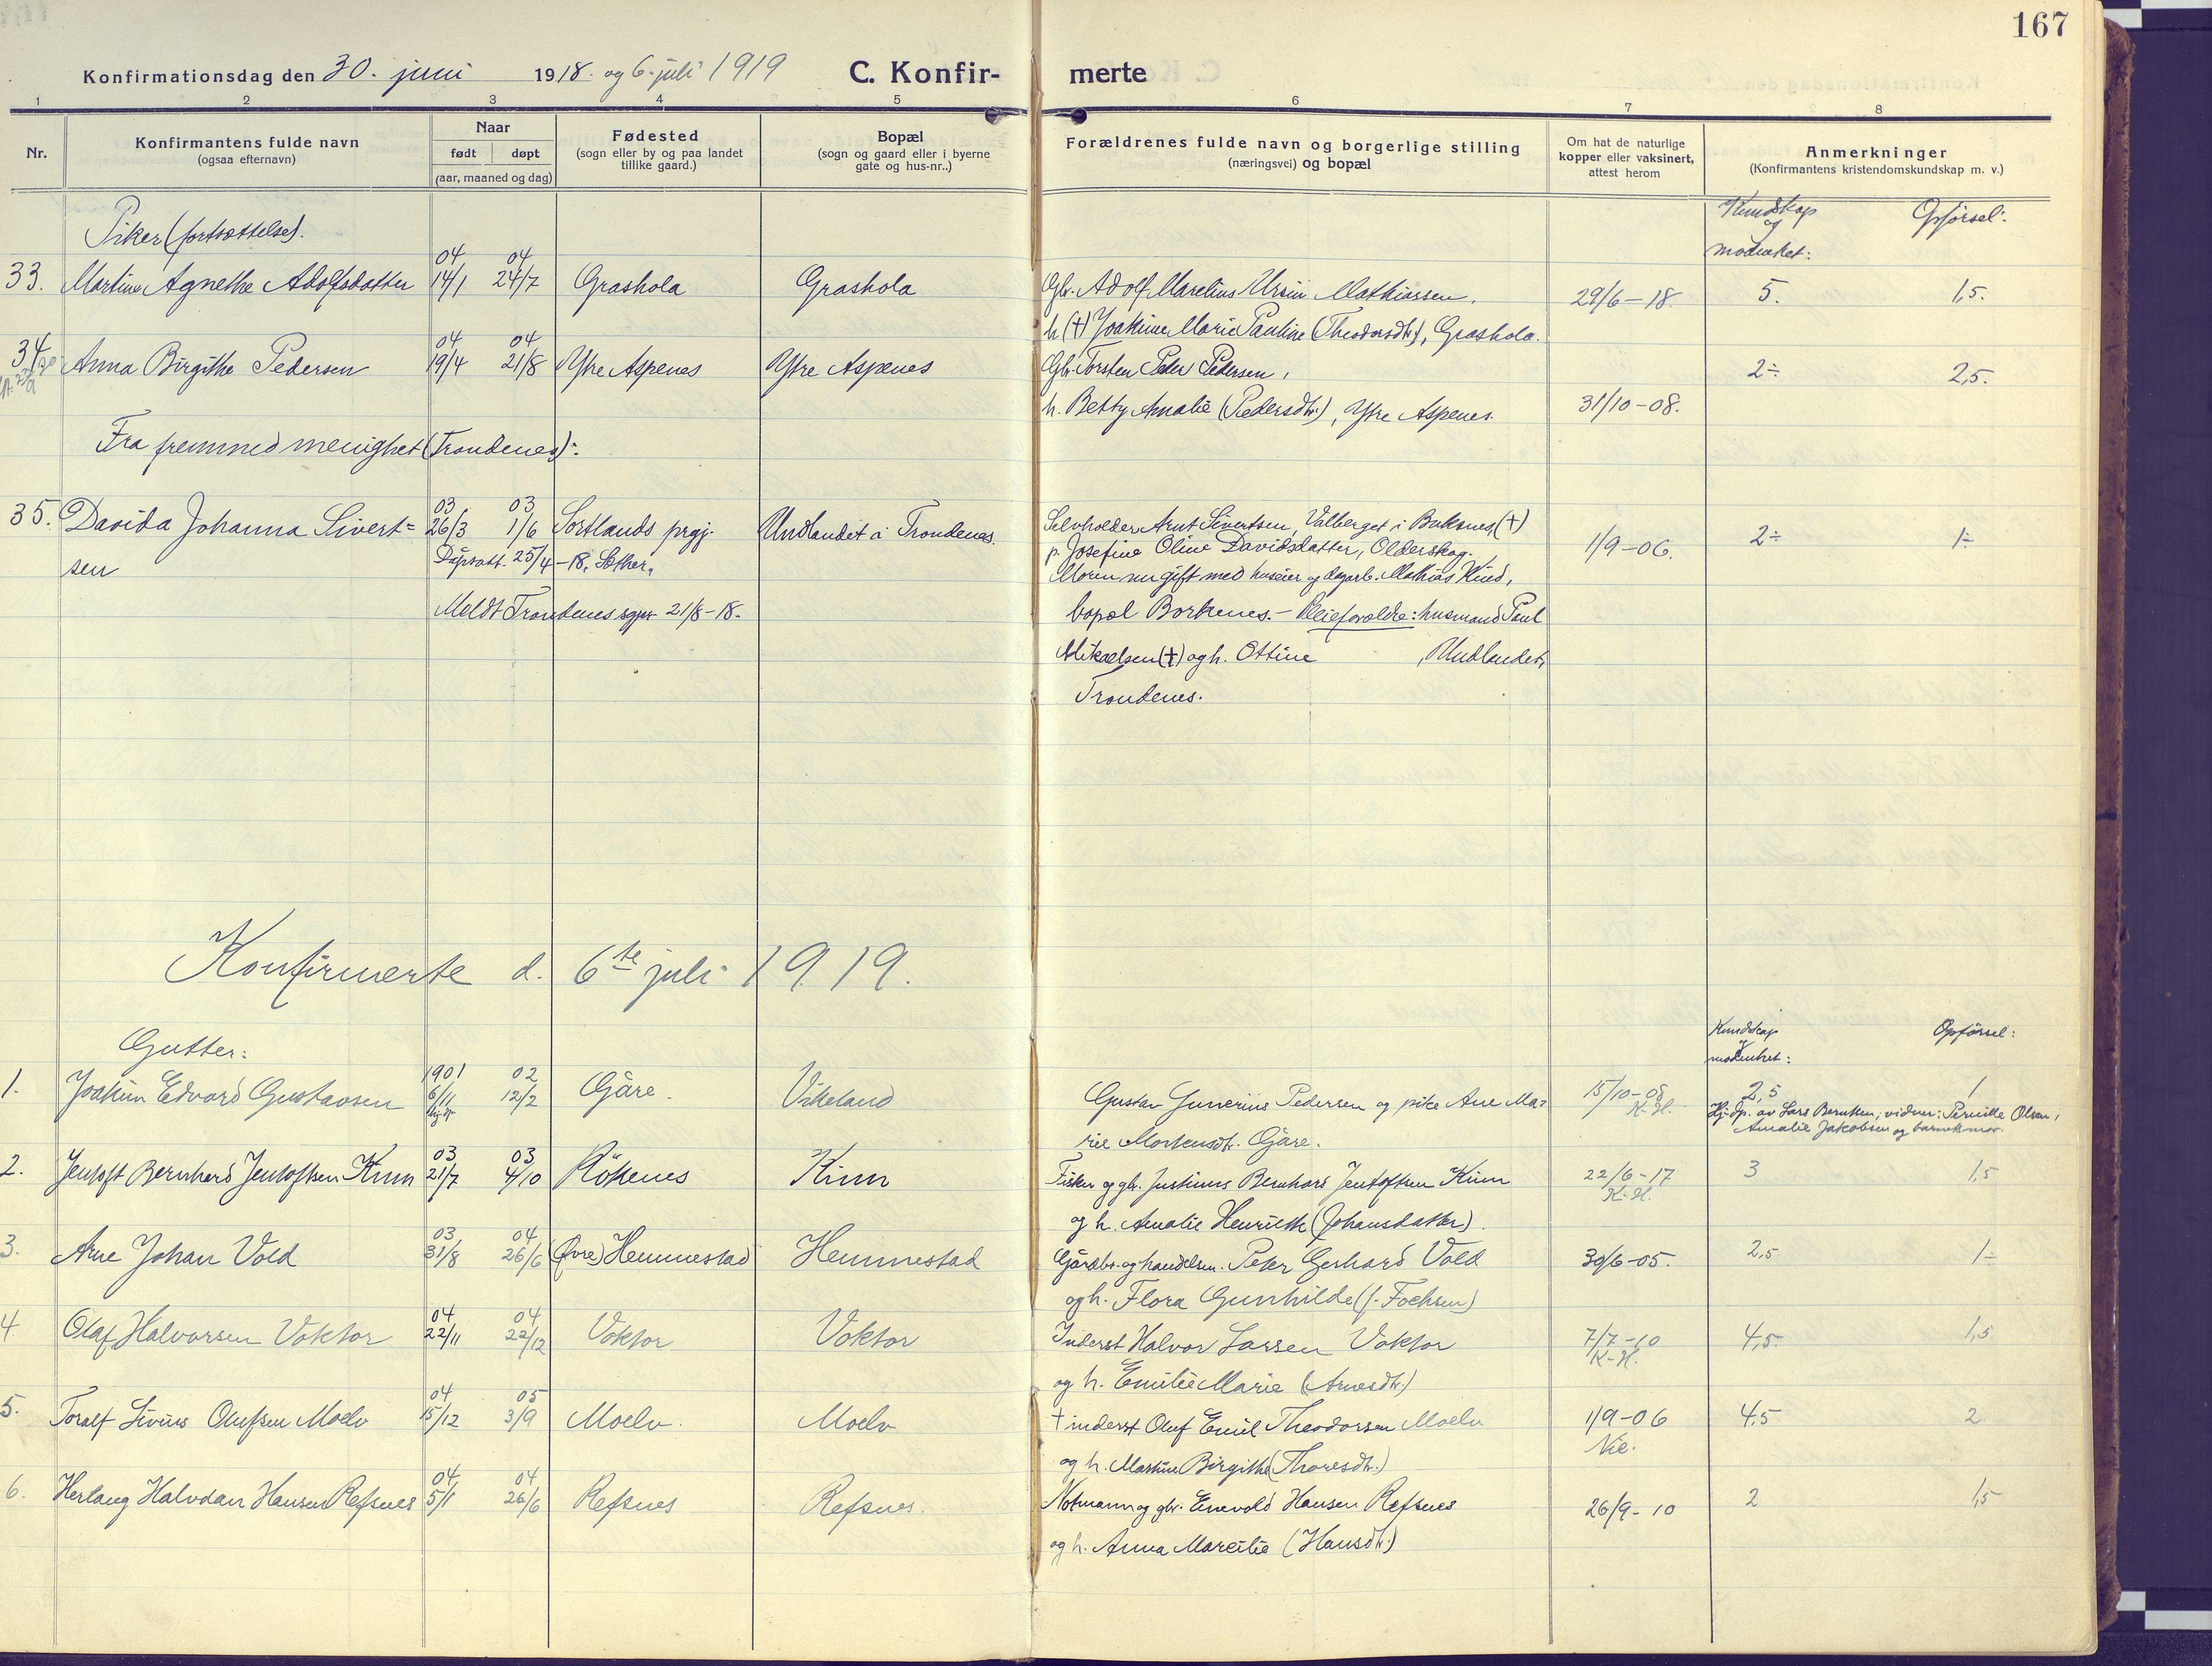 SATØ, Kvæfjord sokneprestkontor, G/Ga/Gaa/L0007kirke: Ministerialbok nr. 7, 1915-1931, s. 167